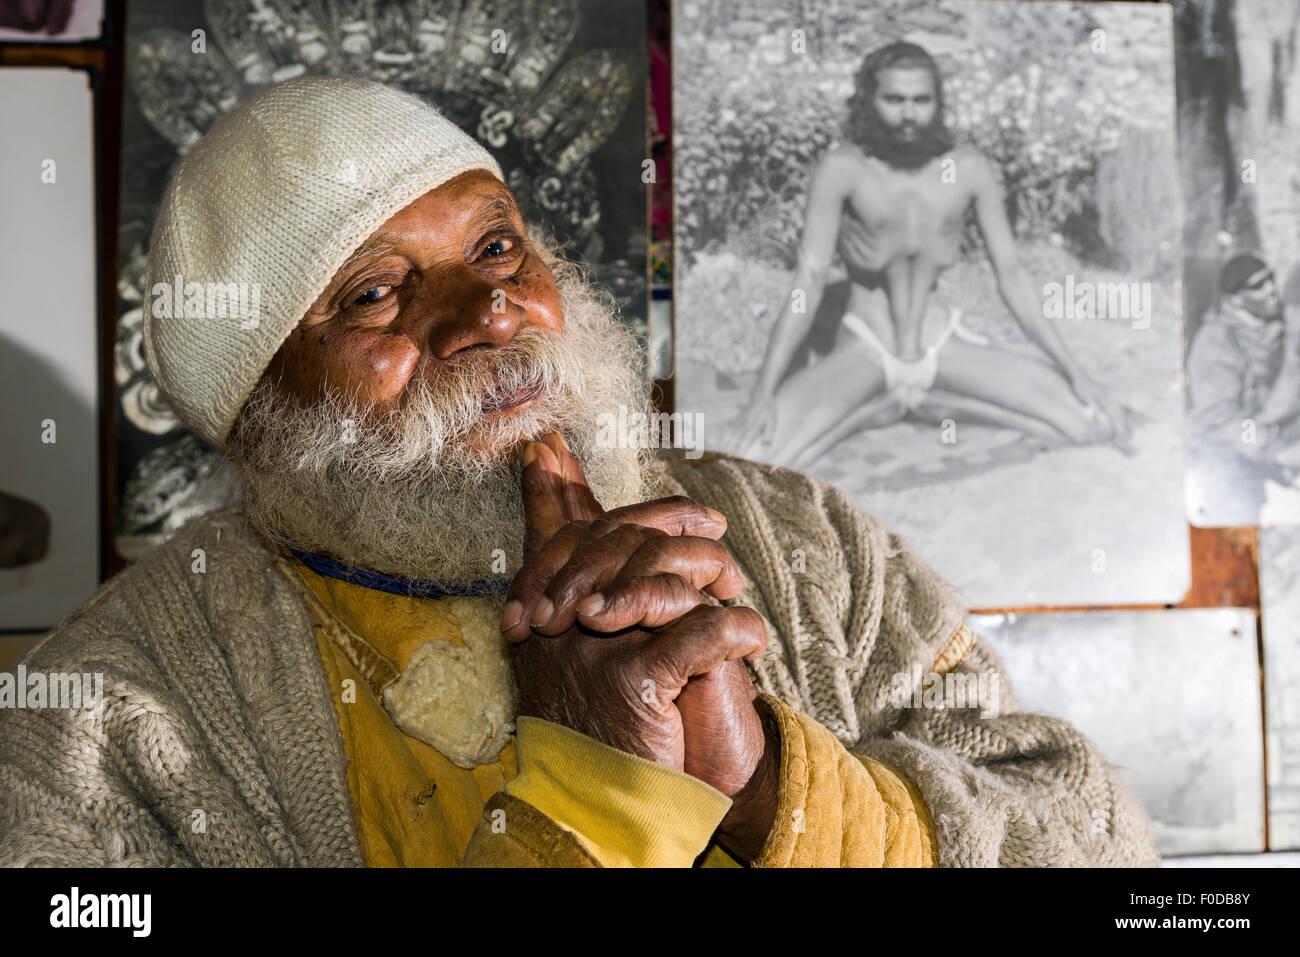 A portrait of Swami Sundaranand, a famous Sadhu, yogi and photographer, Gangotri, Uttarakhand, India Stock Photo